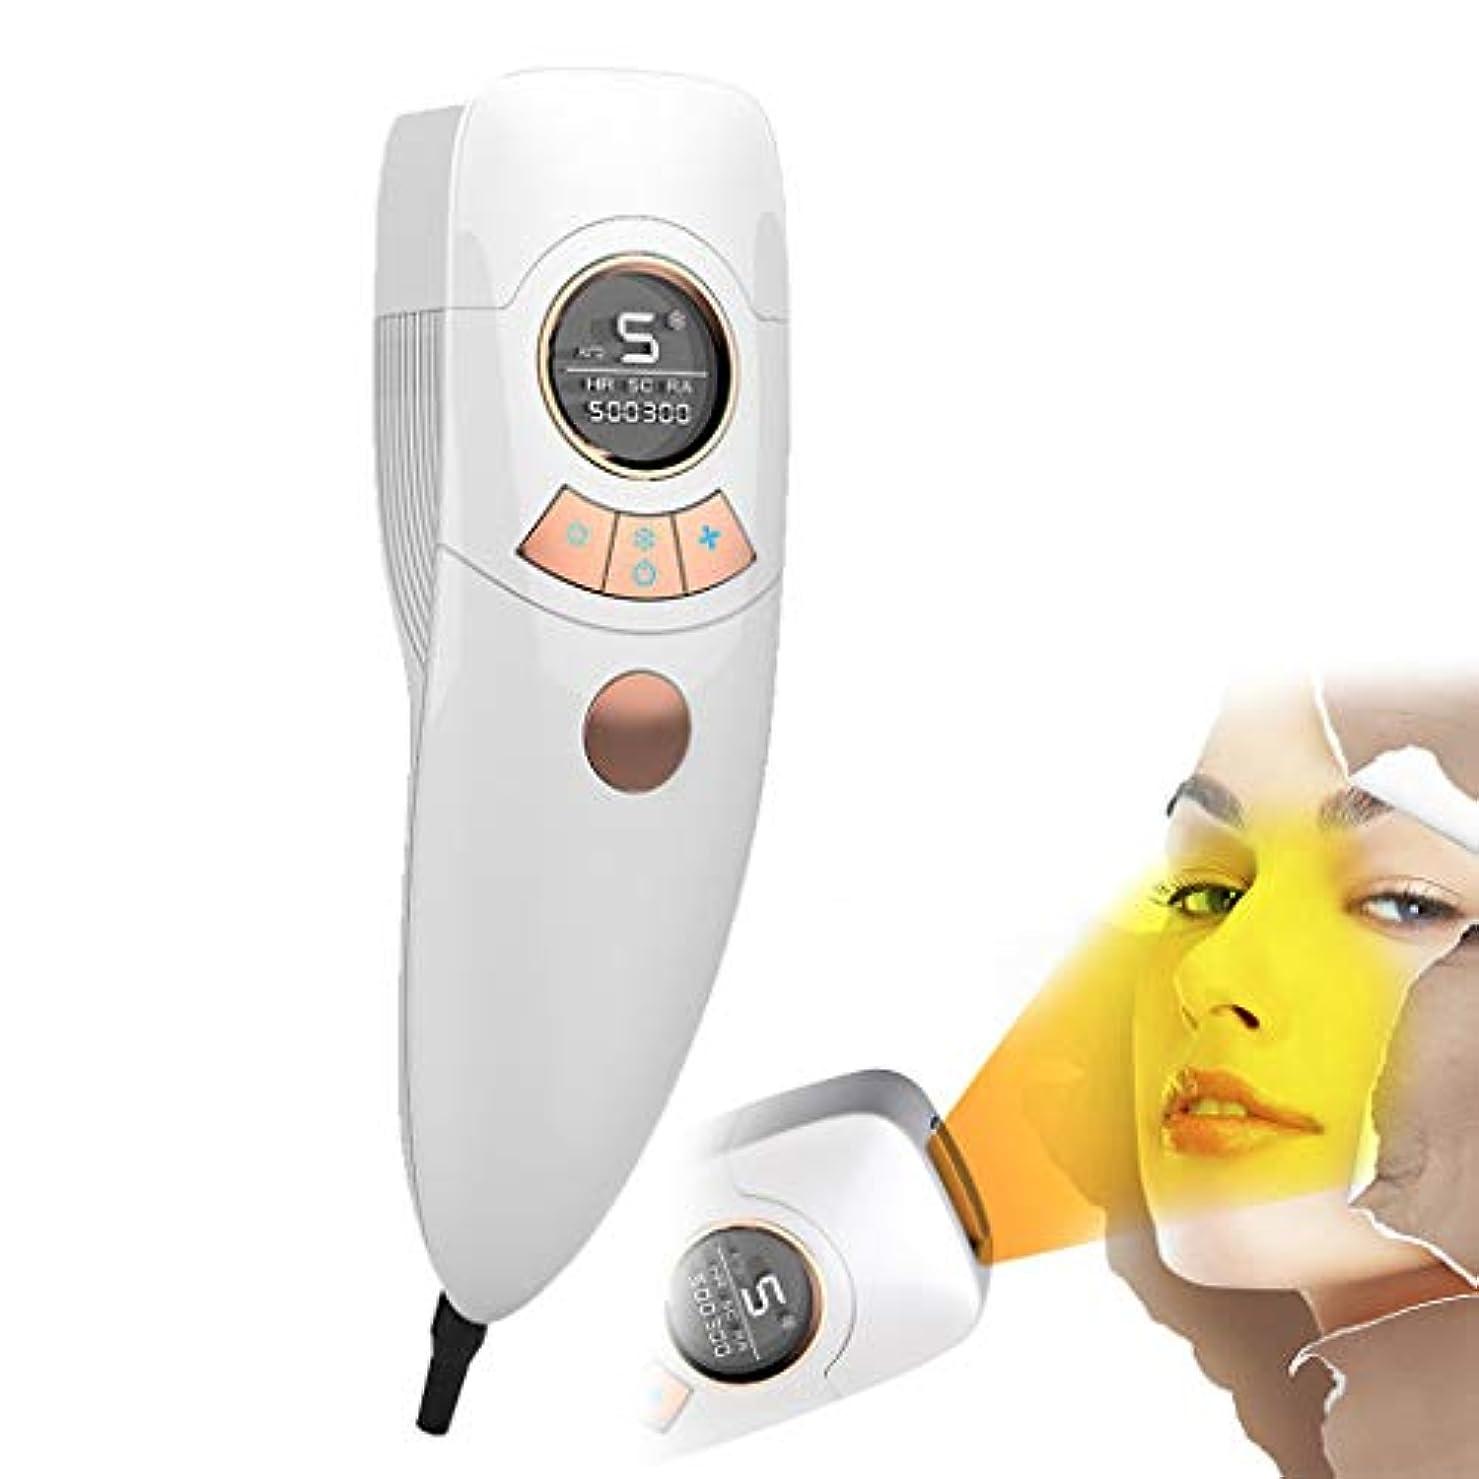 宿統計視聴者電気脱毛装置は痛みがありません女性4で1充電式電気脱毛器の髪、ビキニエリア鼻脇の下腕の脚の痛みのない永久的な体毛リムーバー-White